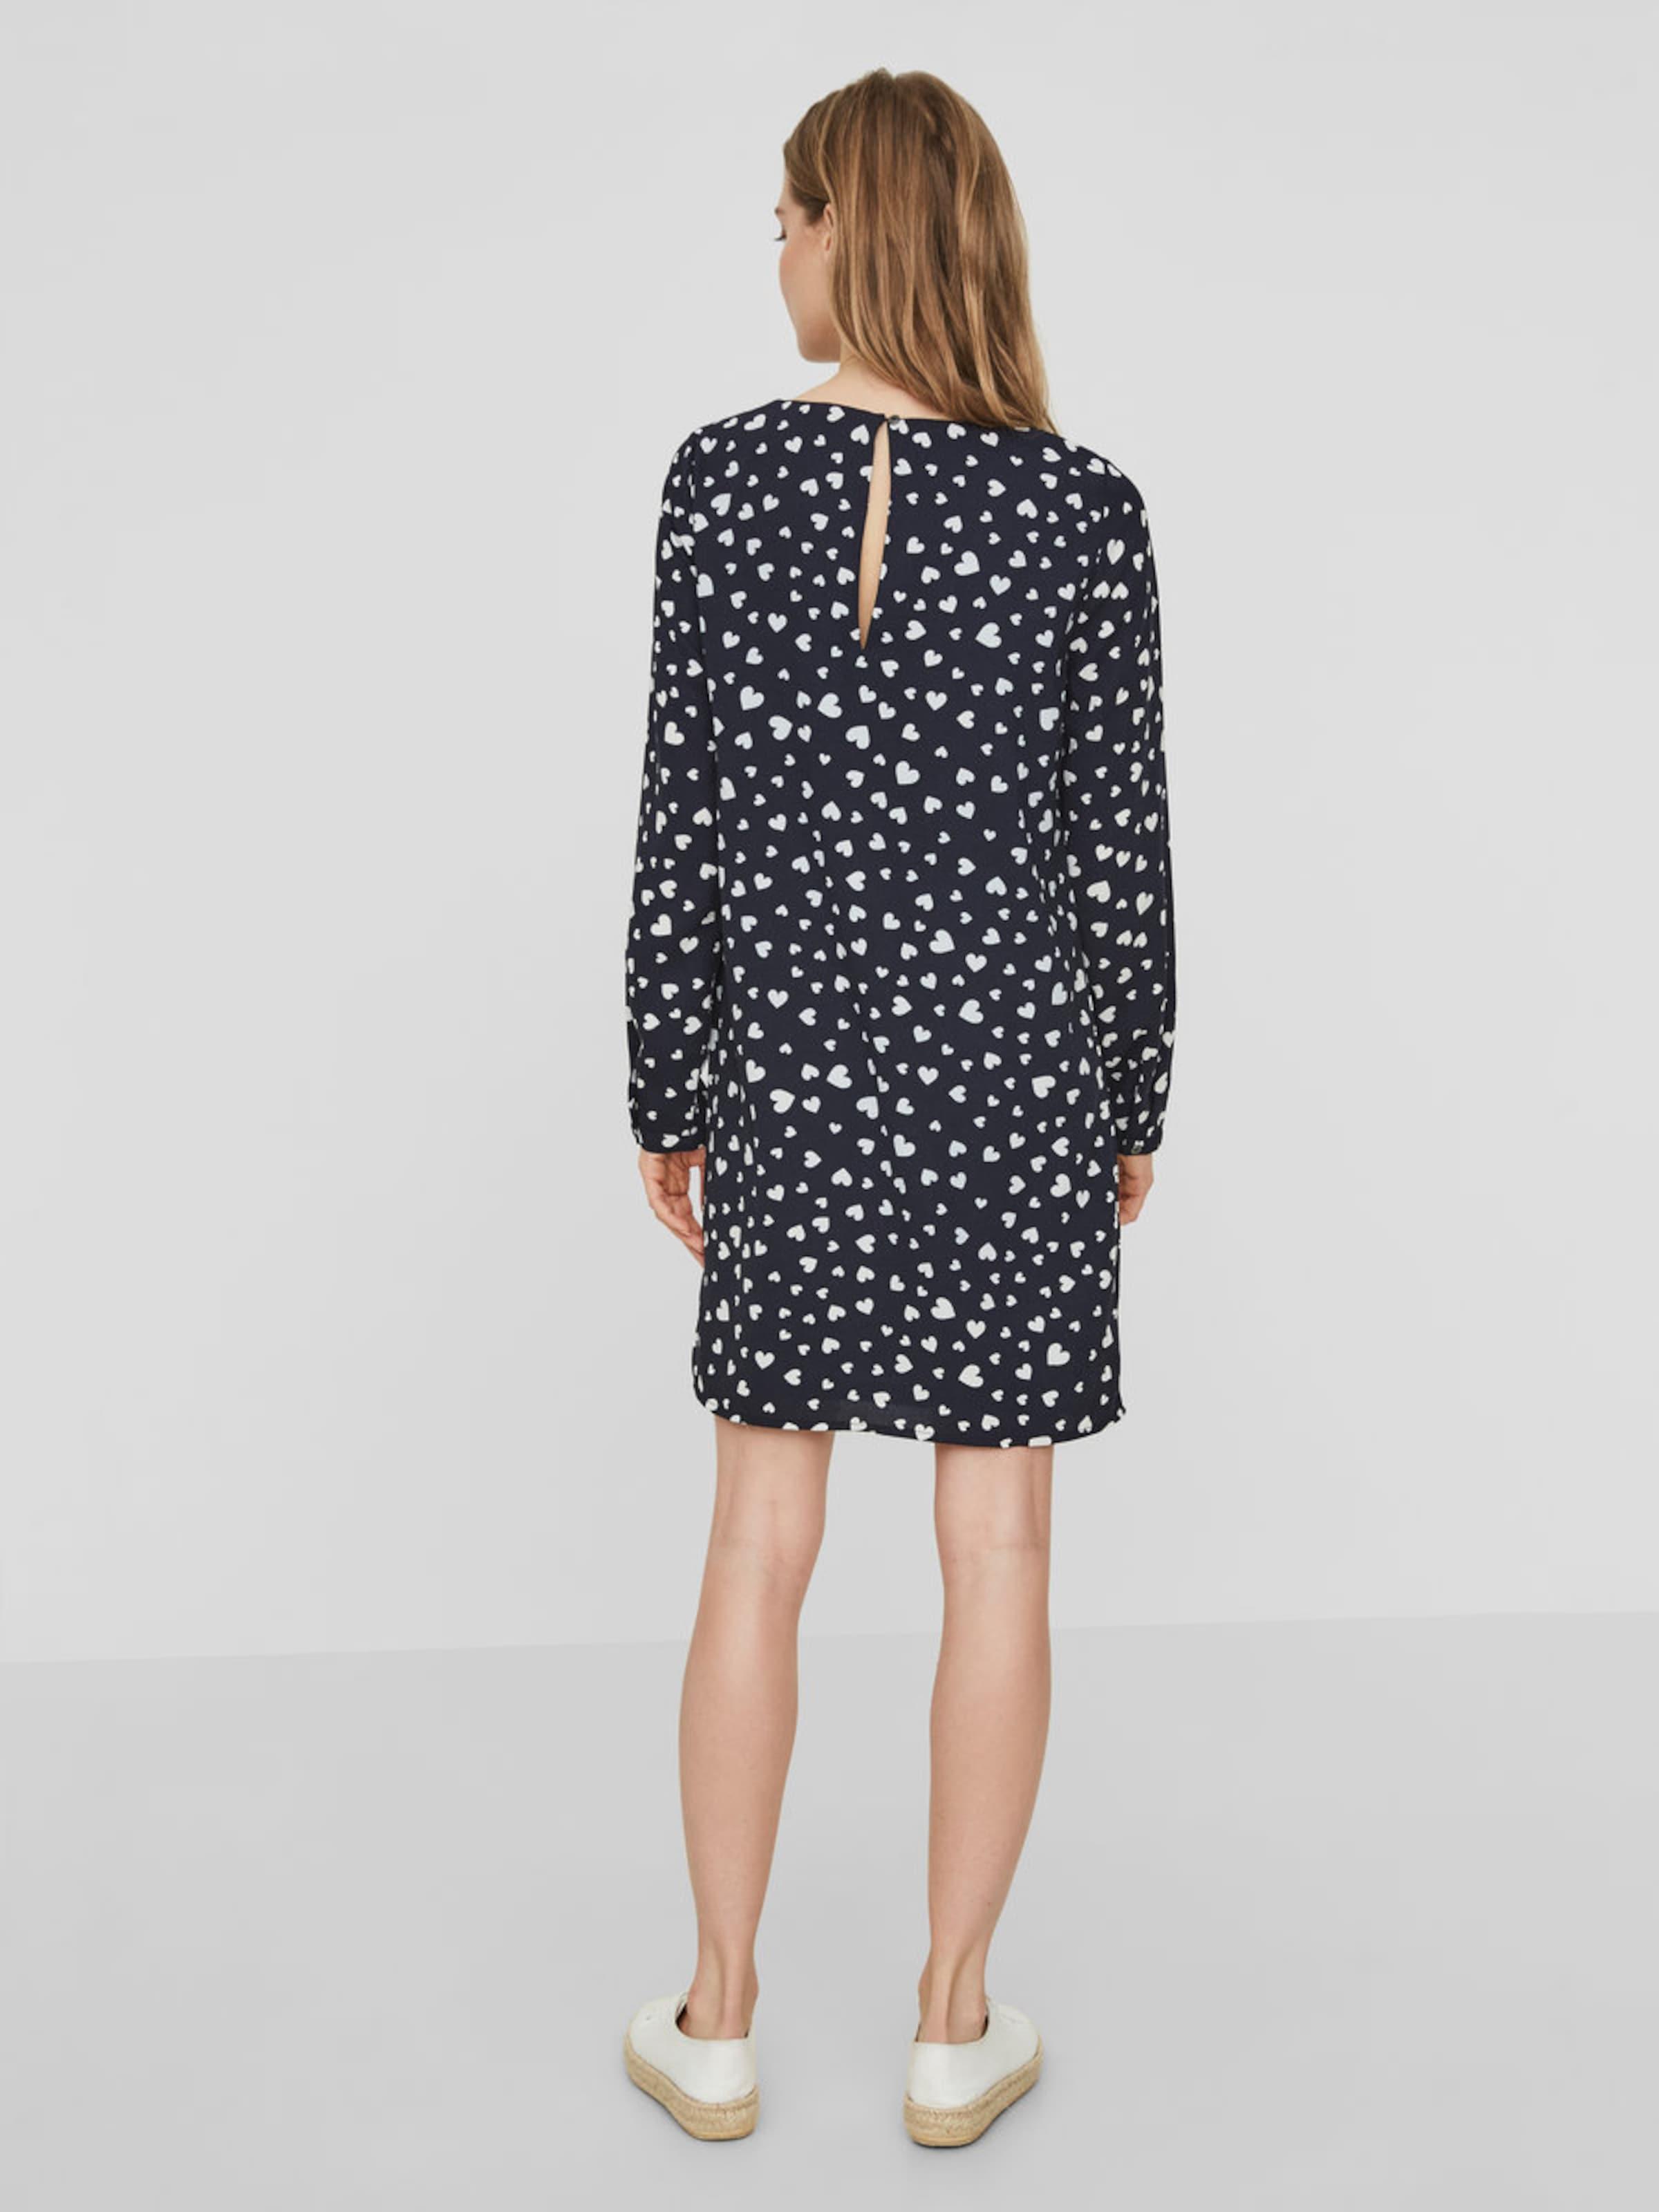 VERO MODA Feminines Kleid mit langen Ärmeln Zuverlässige Online Günstig Kaufen Veröffentlichungstermine RZmZMD3N5e